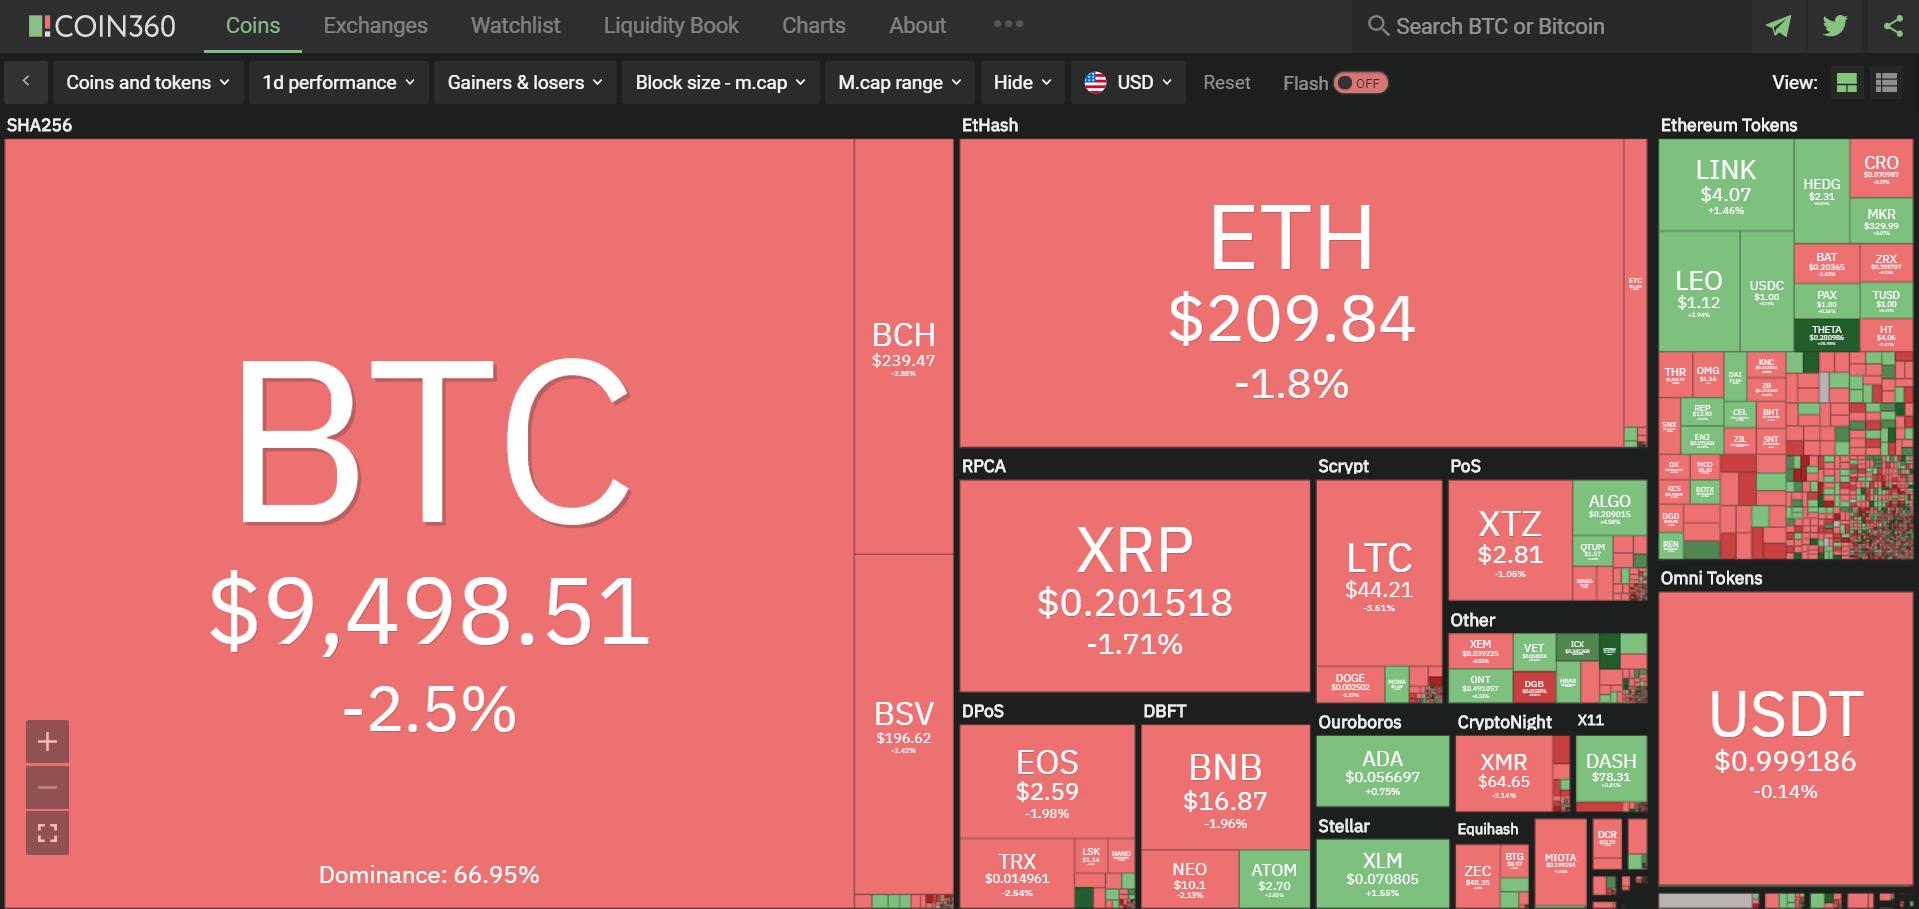 Toàn cảnh thị trường ngày 21/5 (nguồn: Coin360.com)